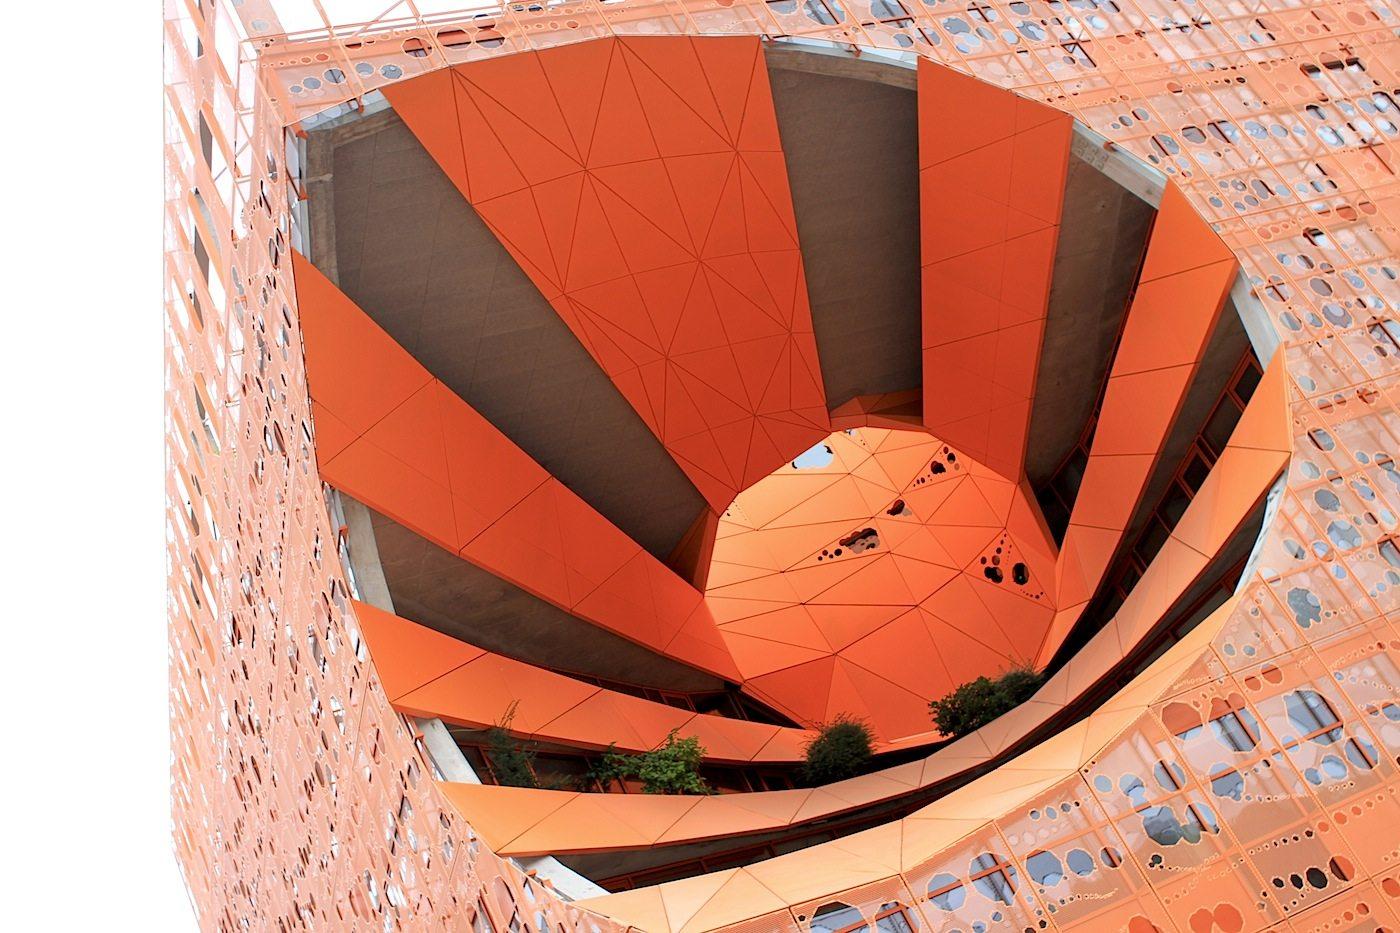 Le Cube Orange. Der von Jakob + MacFarlane geplante Kubus ist eine Neuinterpretation der Formen des Nachbargebäudes: Les Salins du Midi, einem alten Salzdepot.